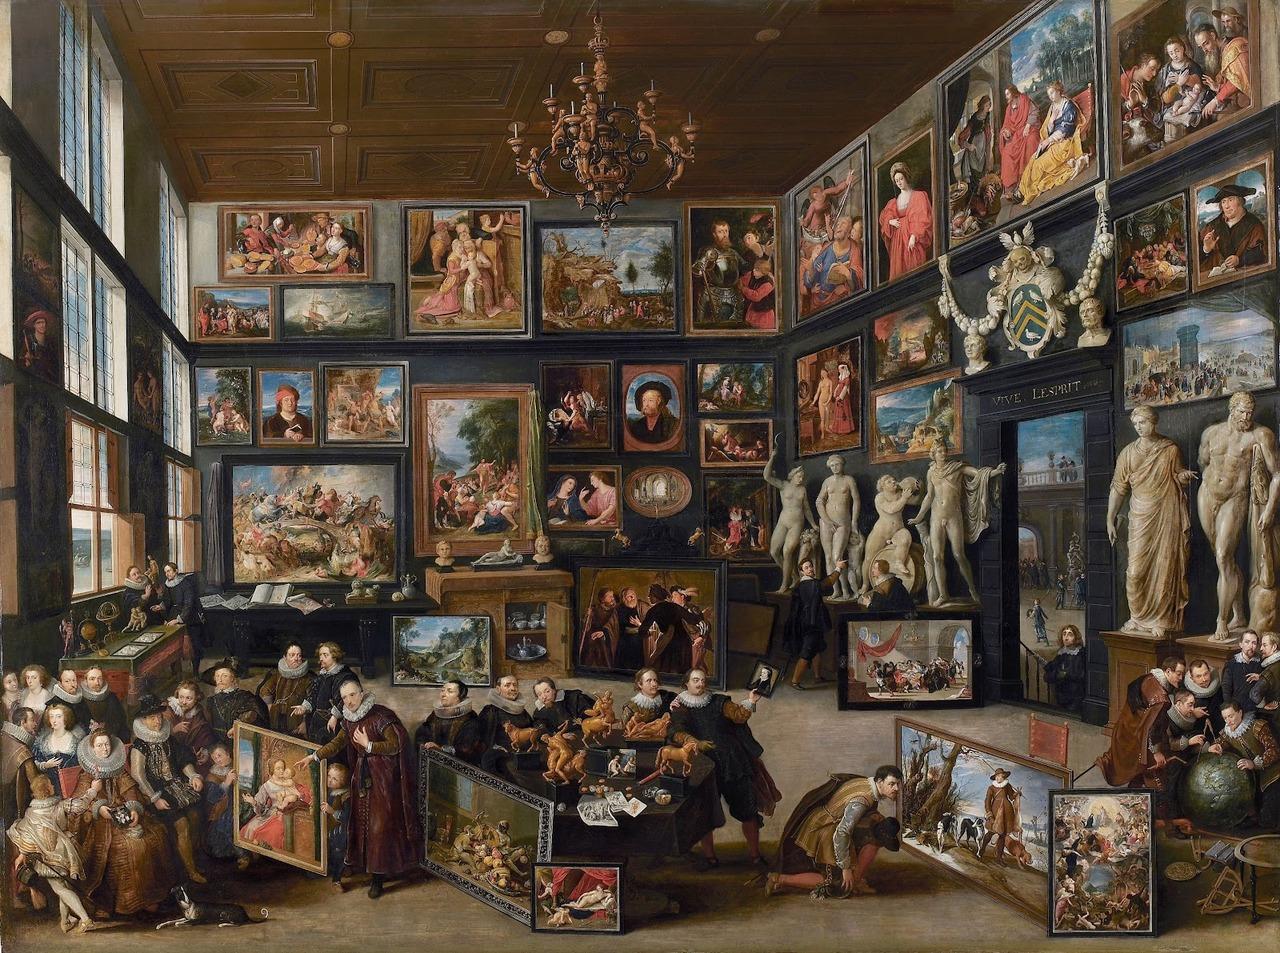 La galería de Cornelis van der Geest. 1628. Willem van Haecht